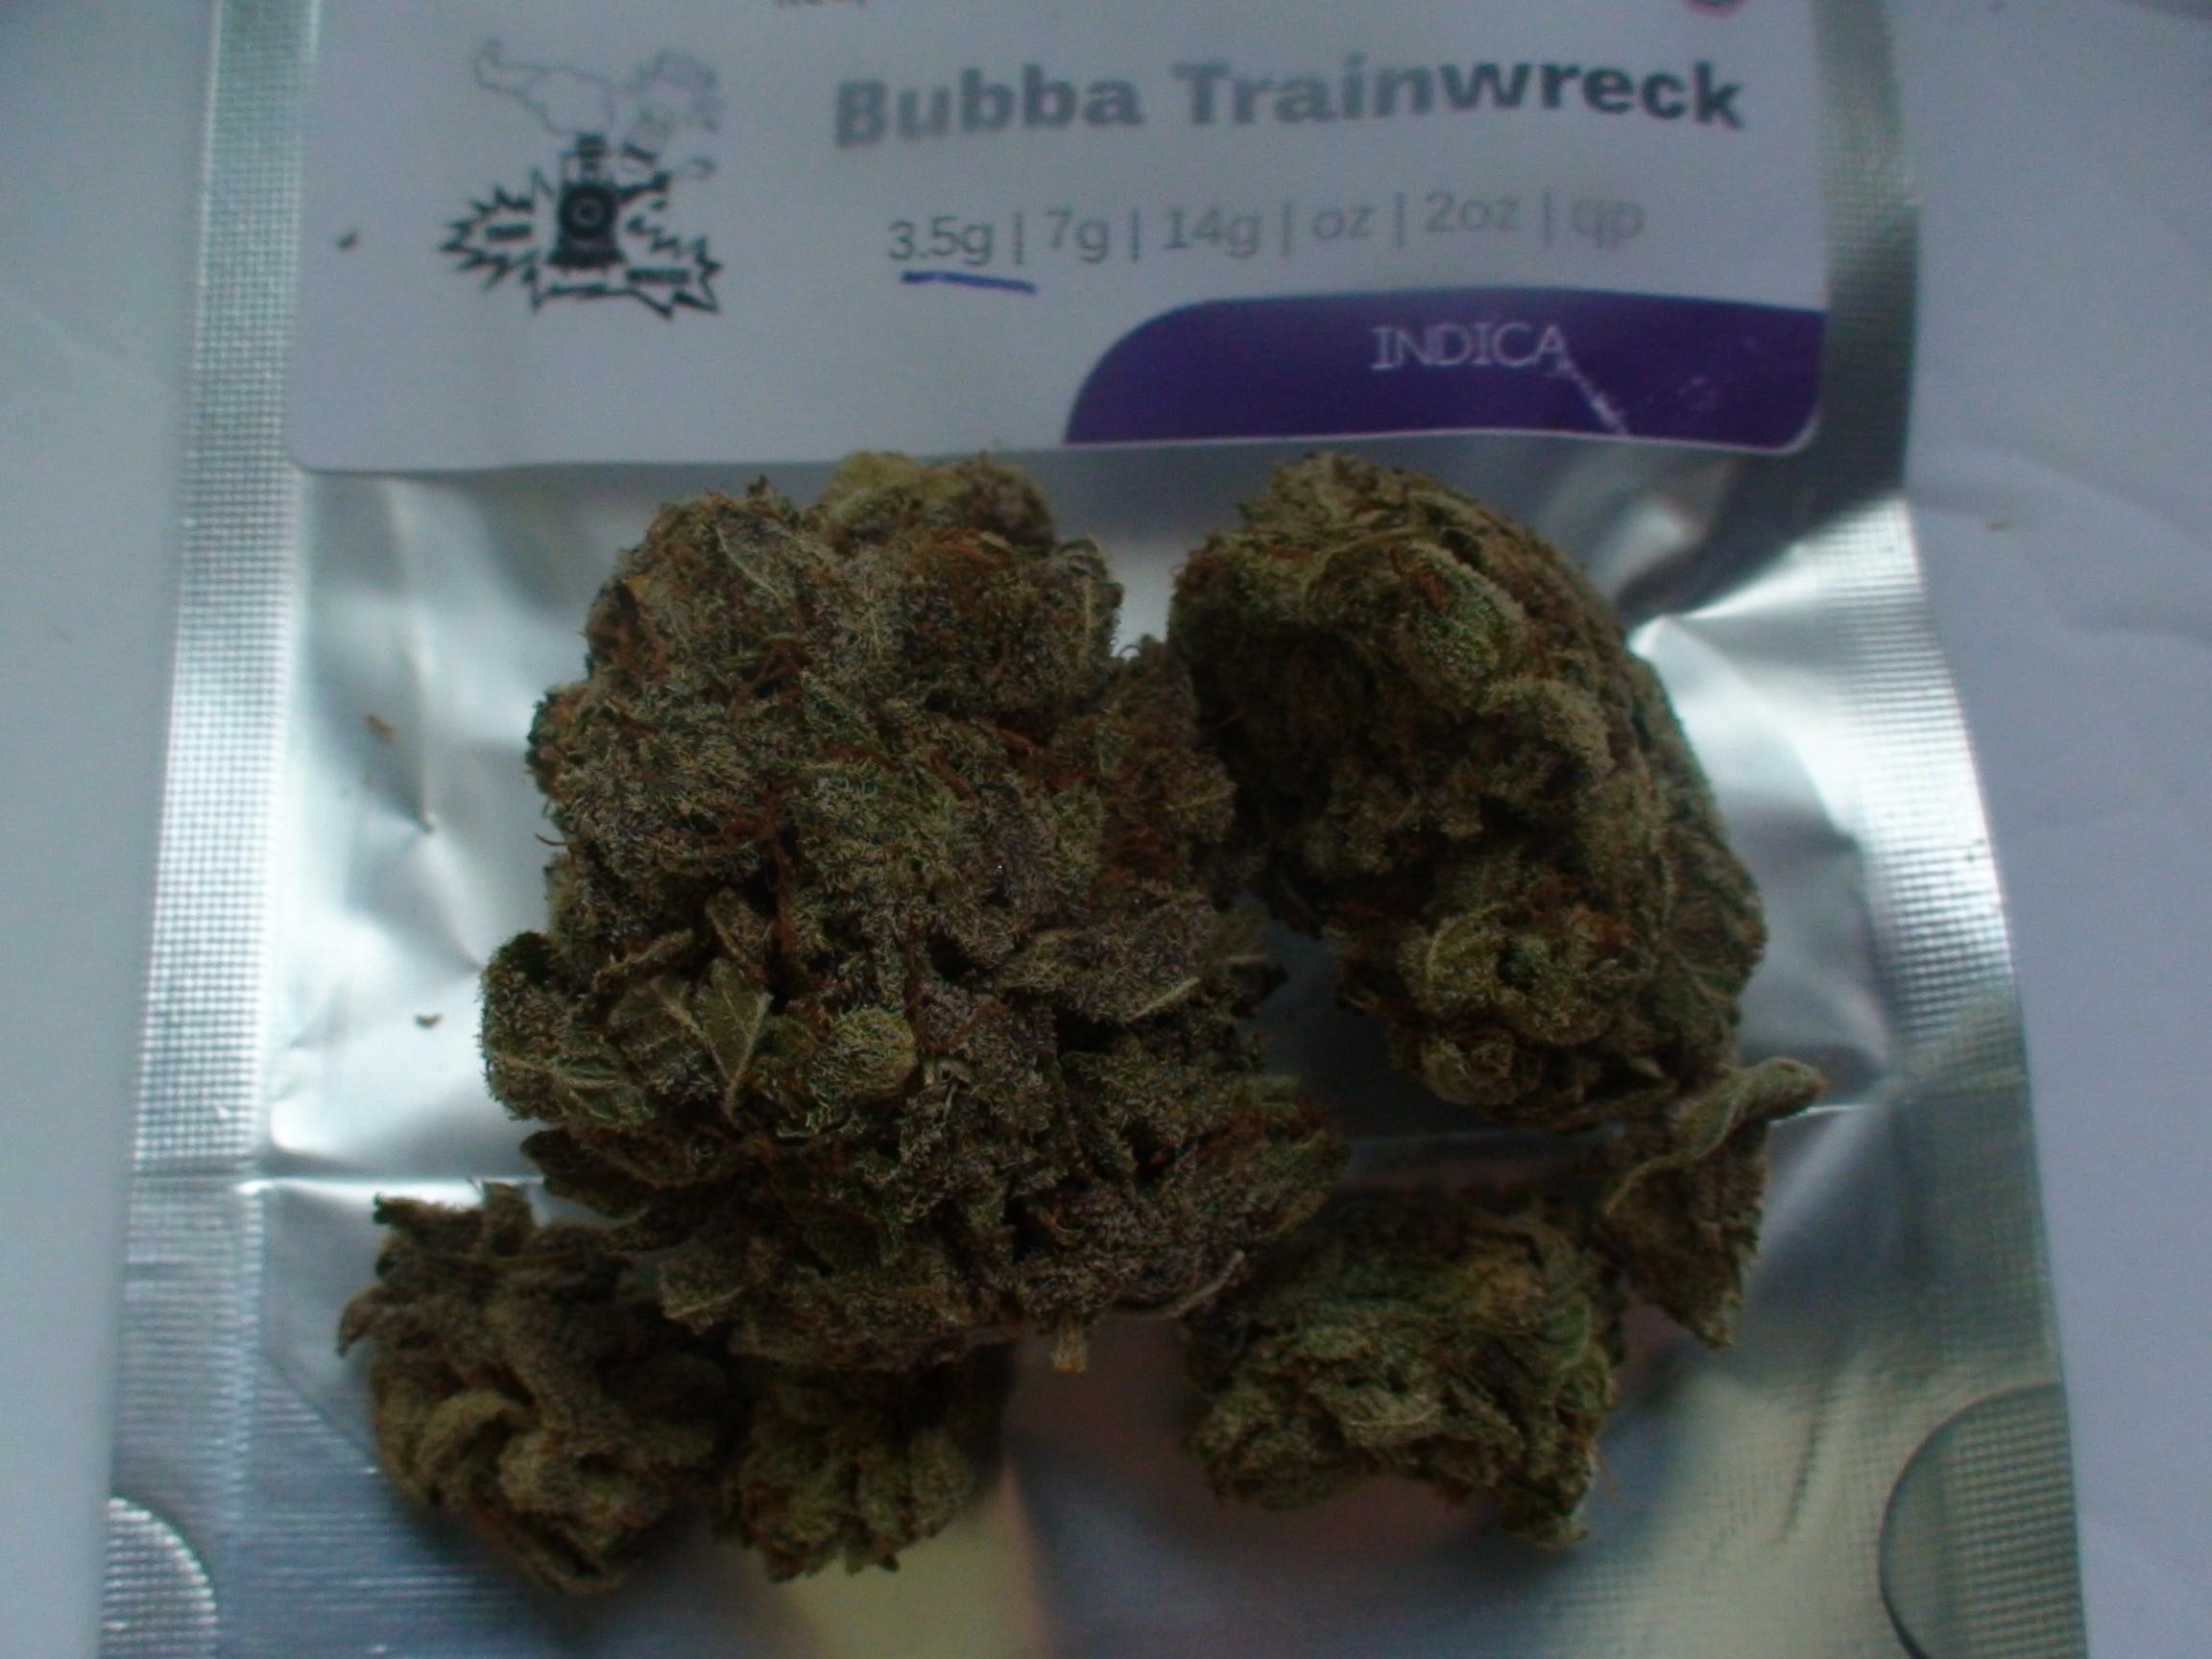 Bubbatrainwreck